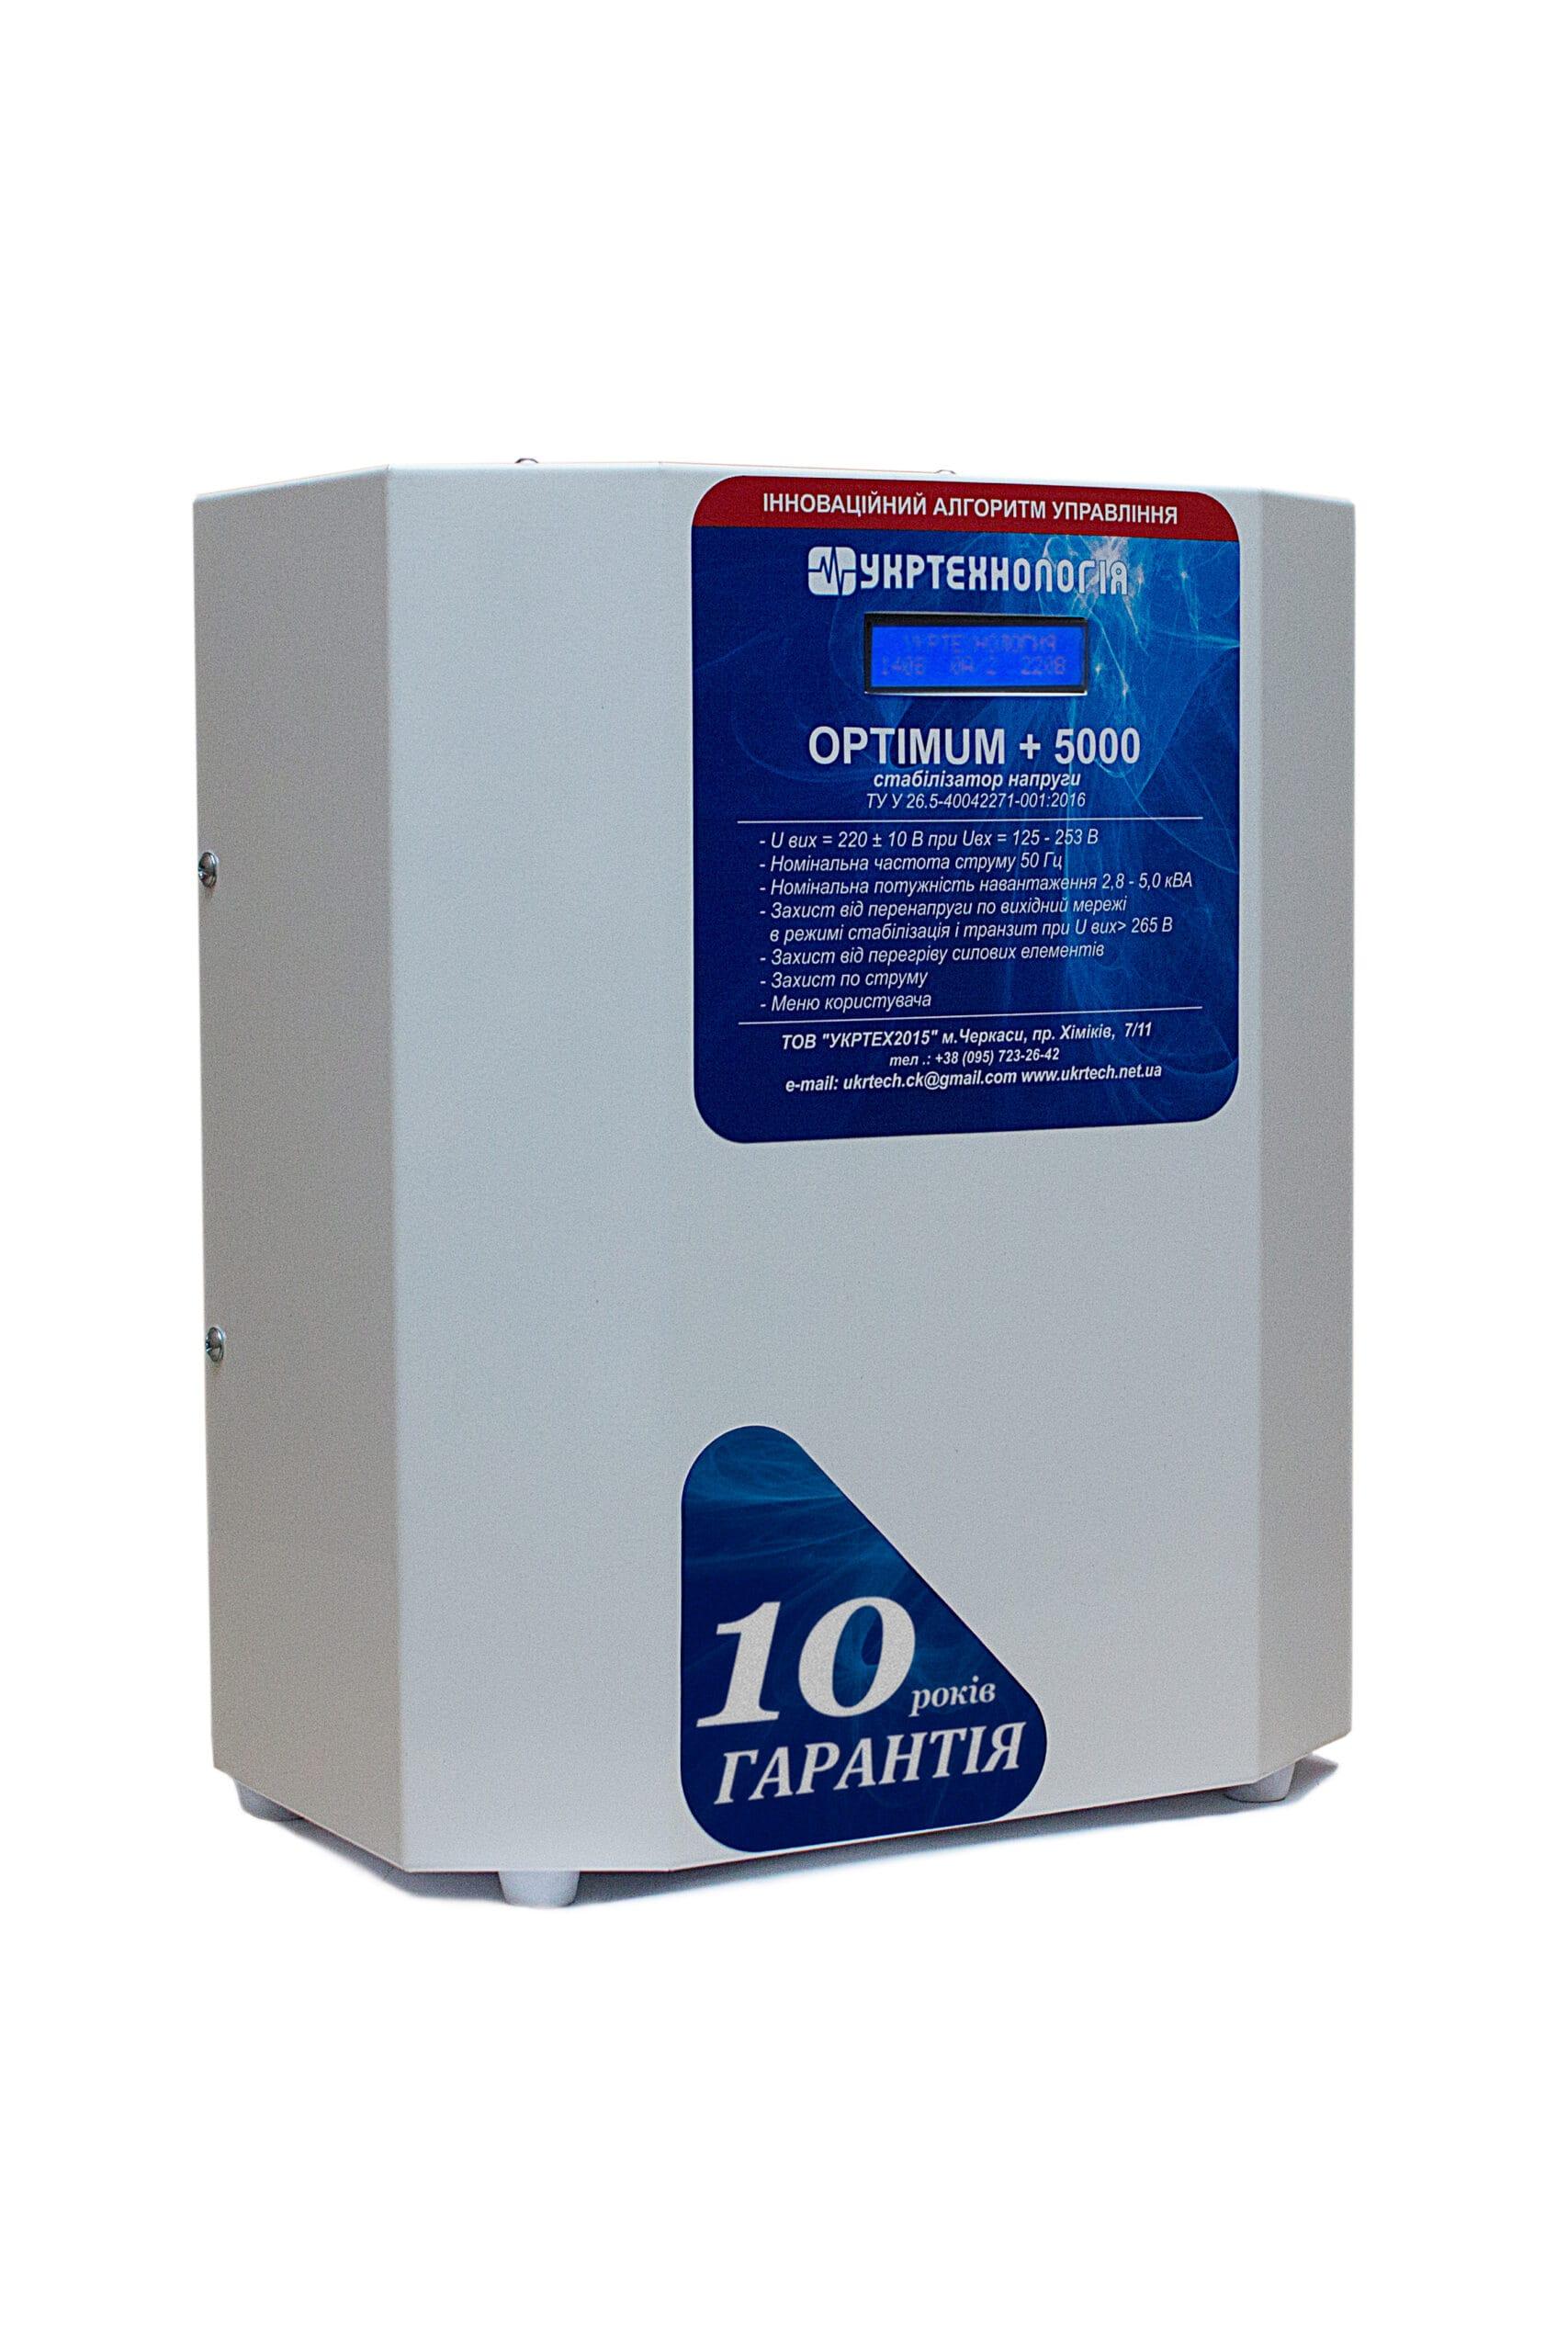 Стабилизаторы напряжения - Стабилизатор напряжения 5 кВт OPTIMUM 000001383 - Фото 1